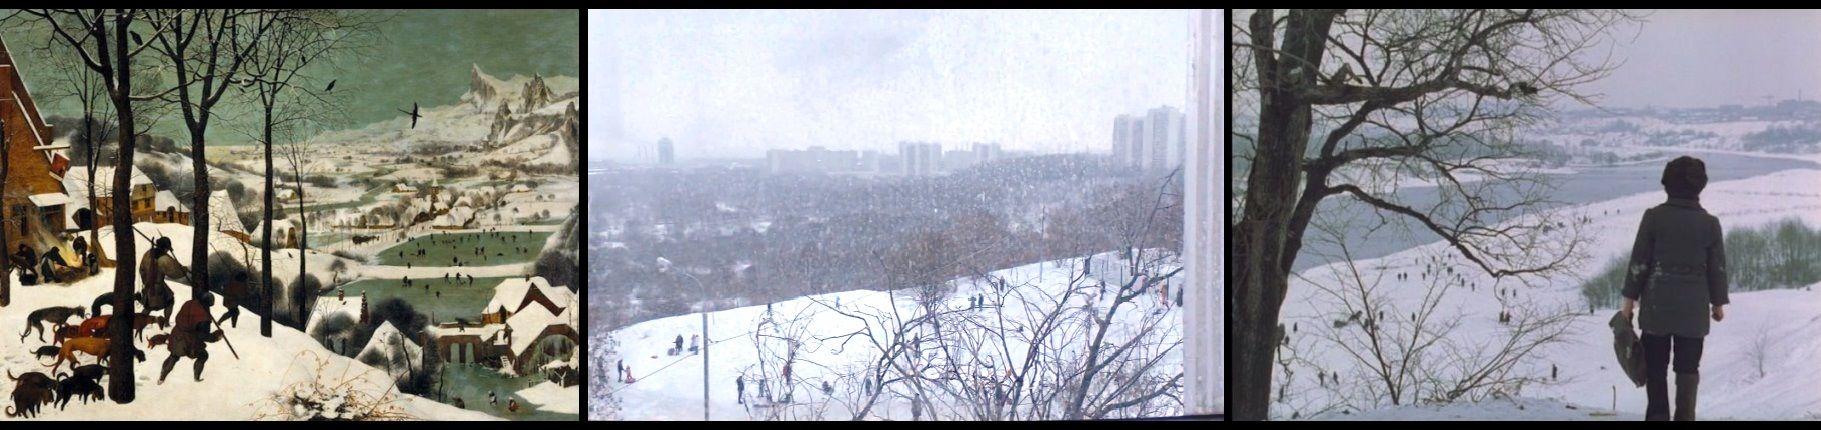 Loveless sulle orme di tarkovskij l 39 eco del nulla - Lo specchio tarkovskij ...